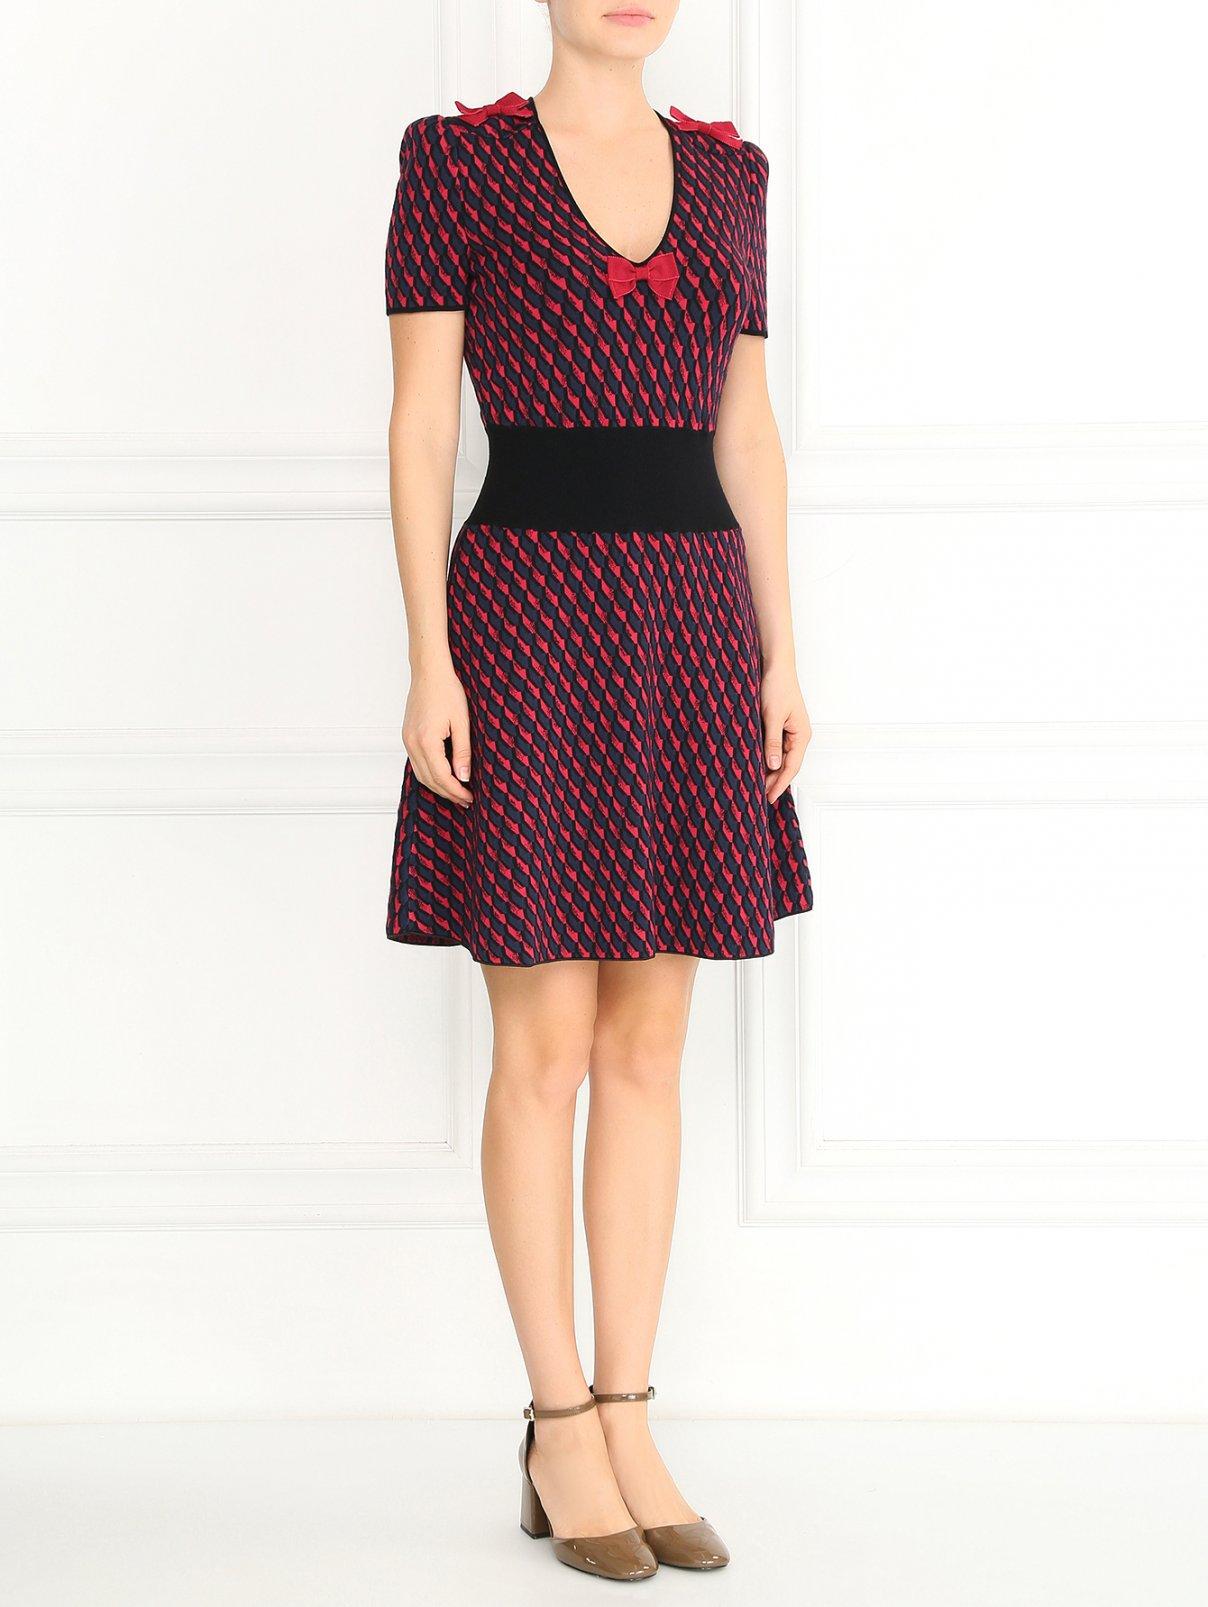 Трикотажное платье с узором и декоративными бантами Emporio Armani  –  Модель Общий вид